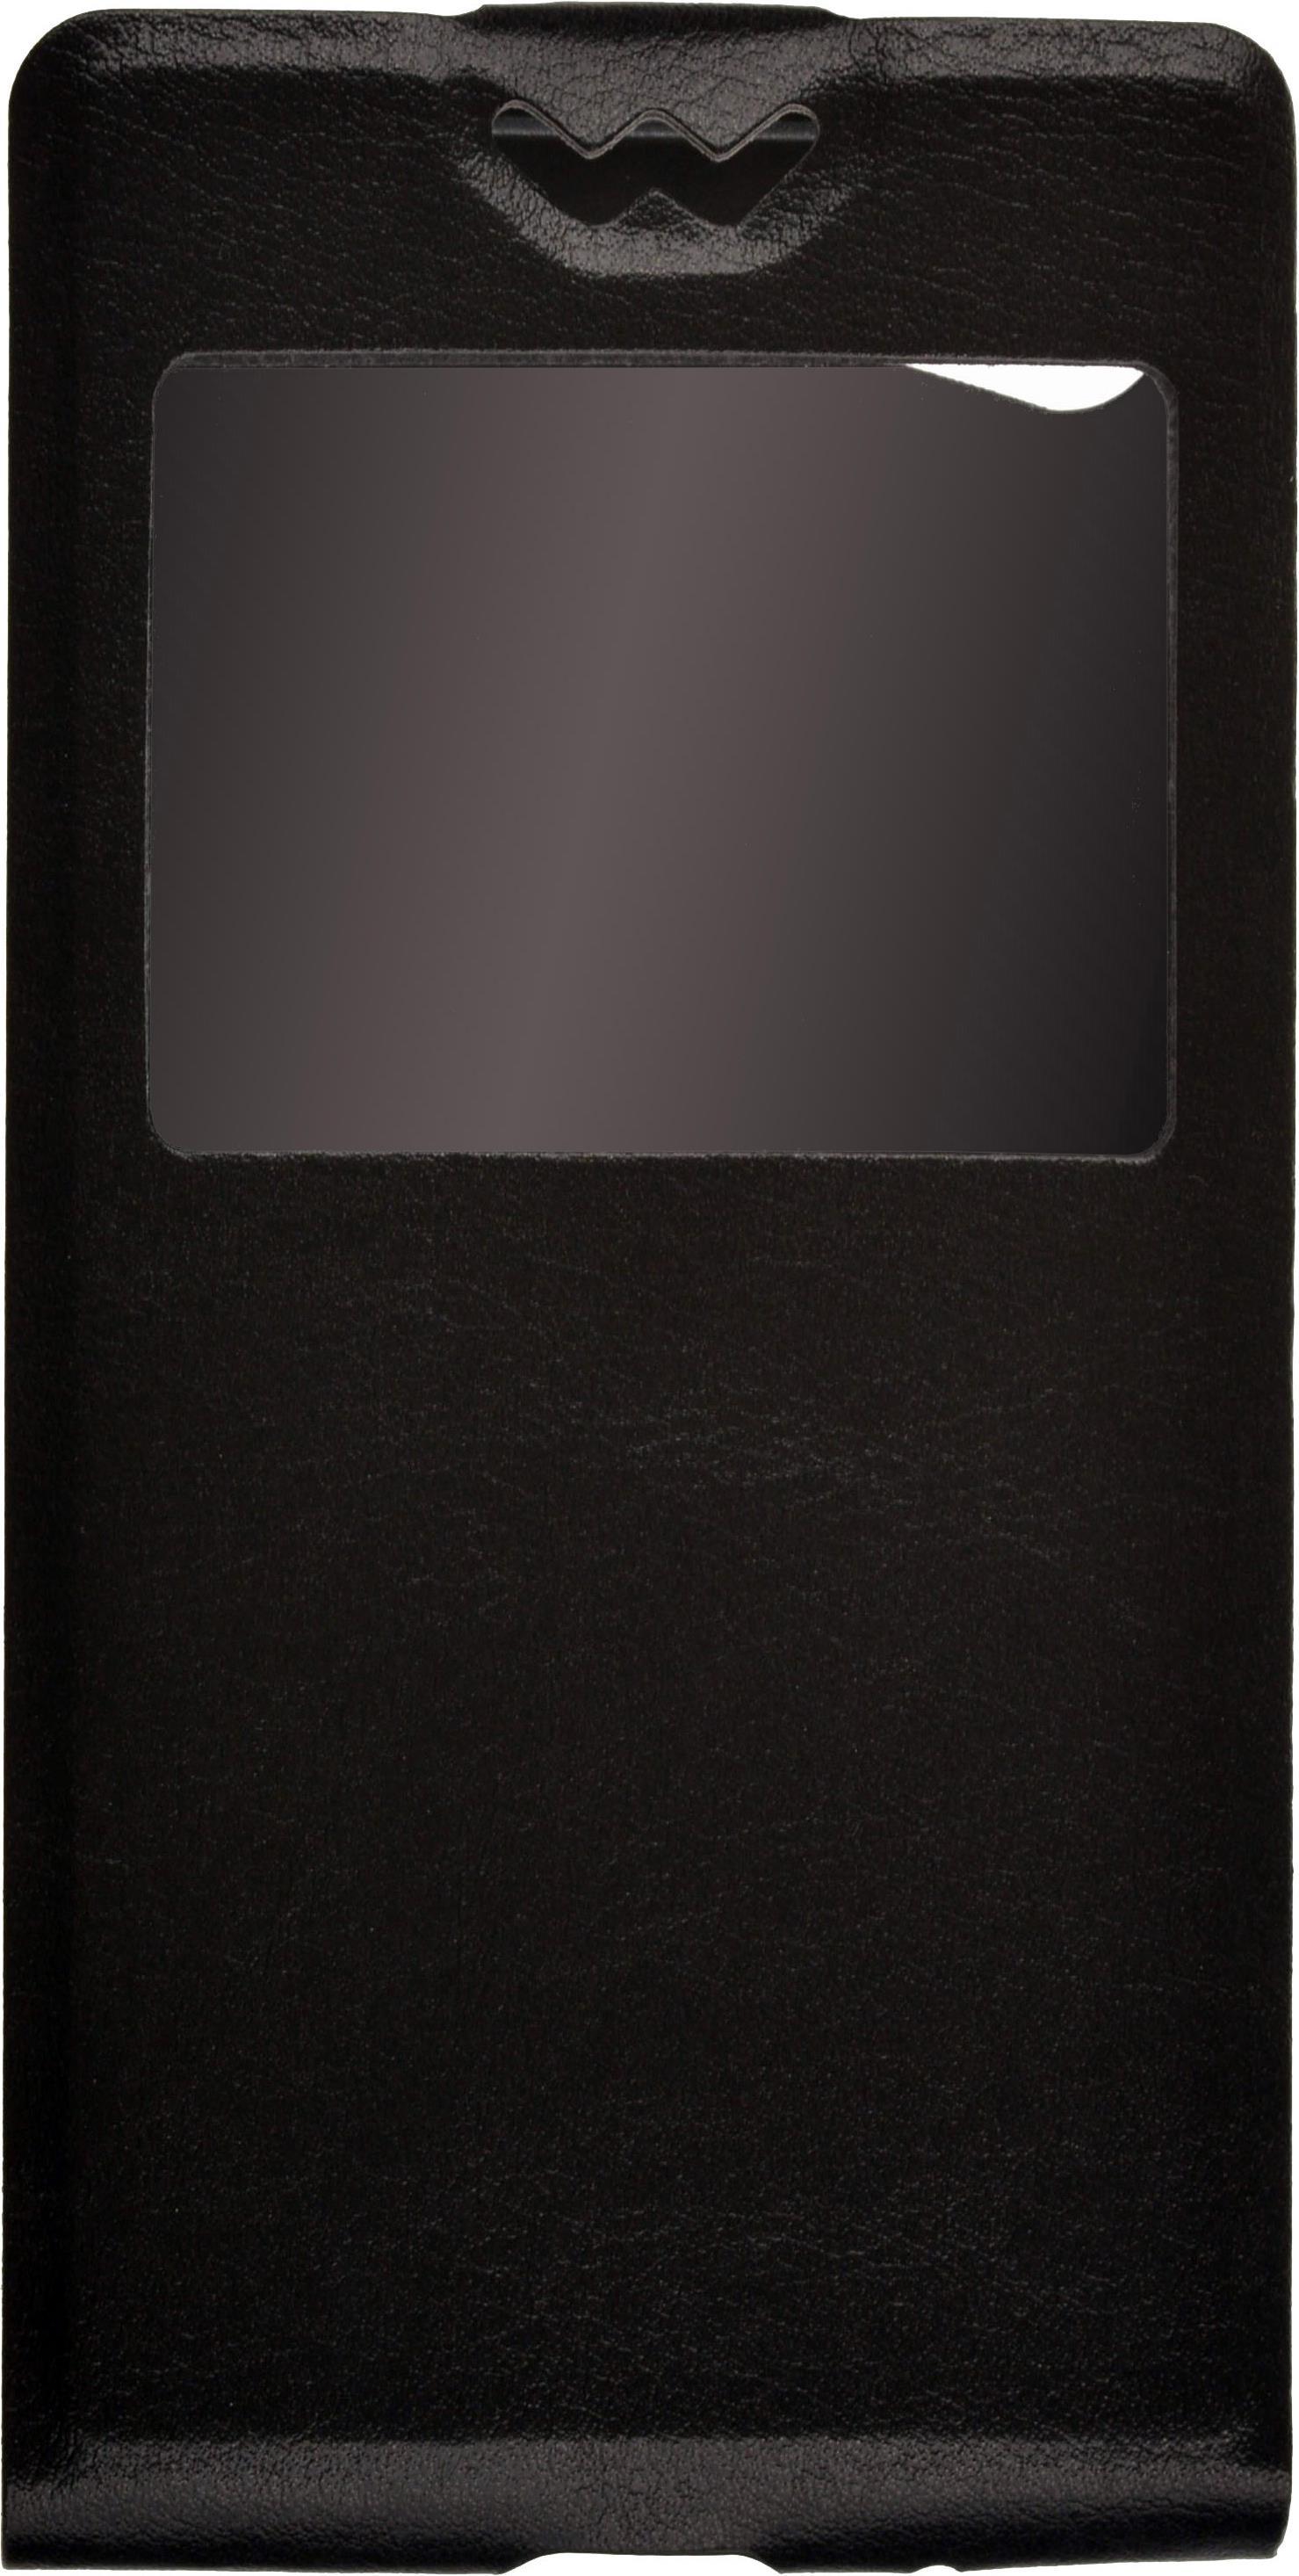 все цены на Чехол для сотового телефона skinBOX Flip slim AW, 4630042527560, черный онлайн